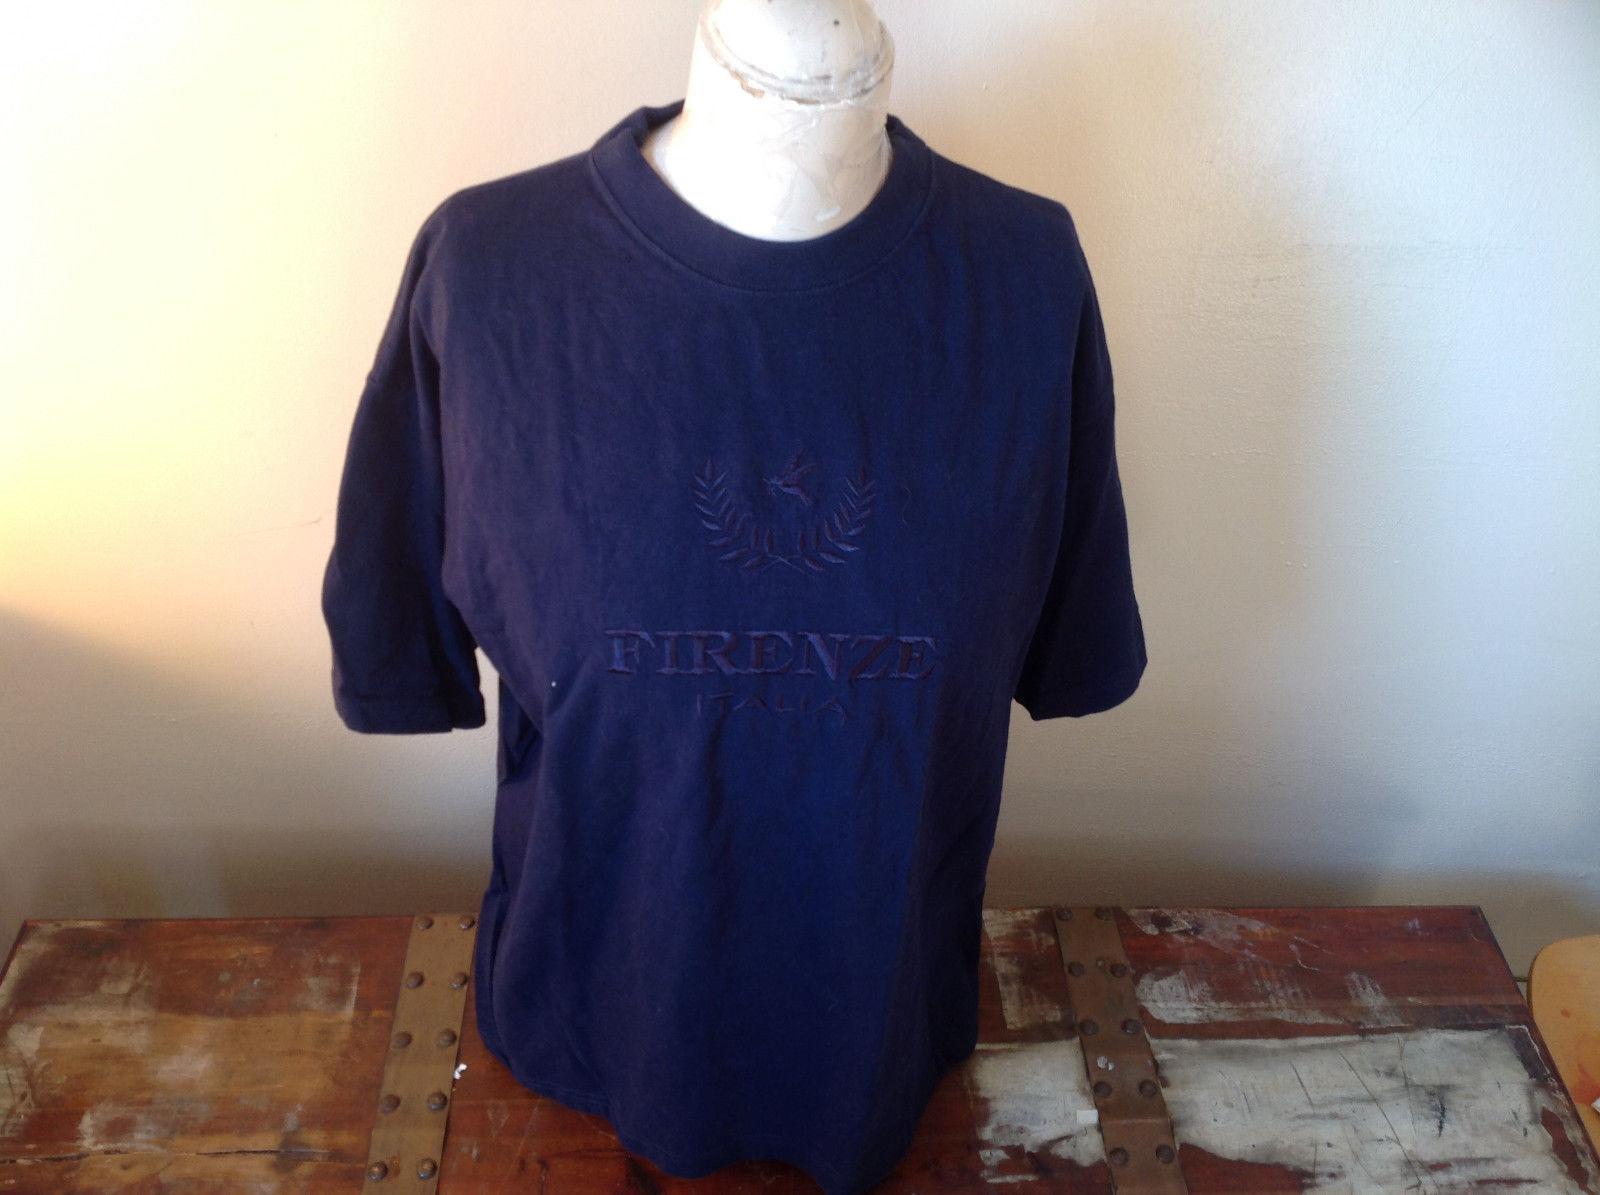 I E Baron Dark Blue Short Sleeve T-Shirt  Firenze Italia Embellished Size XL